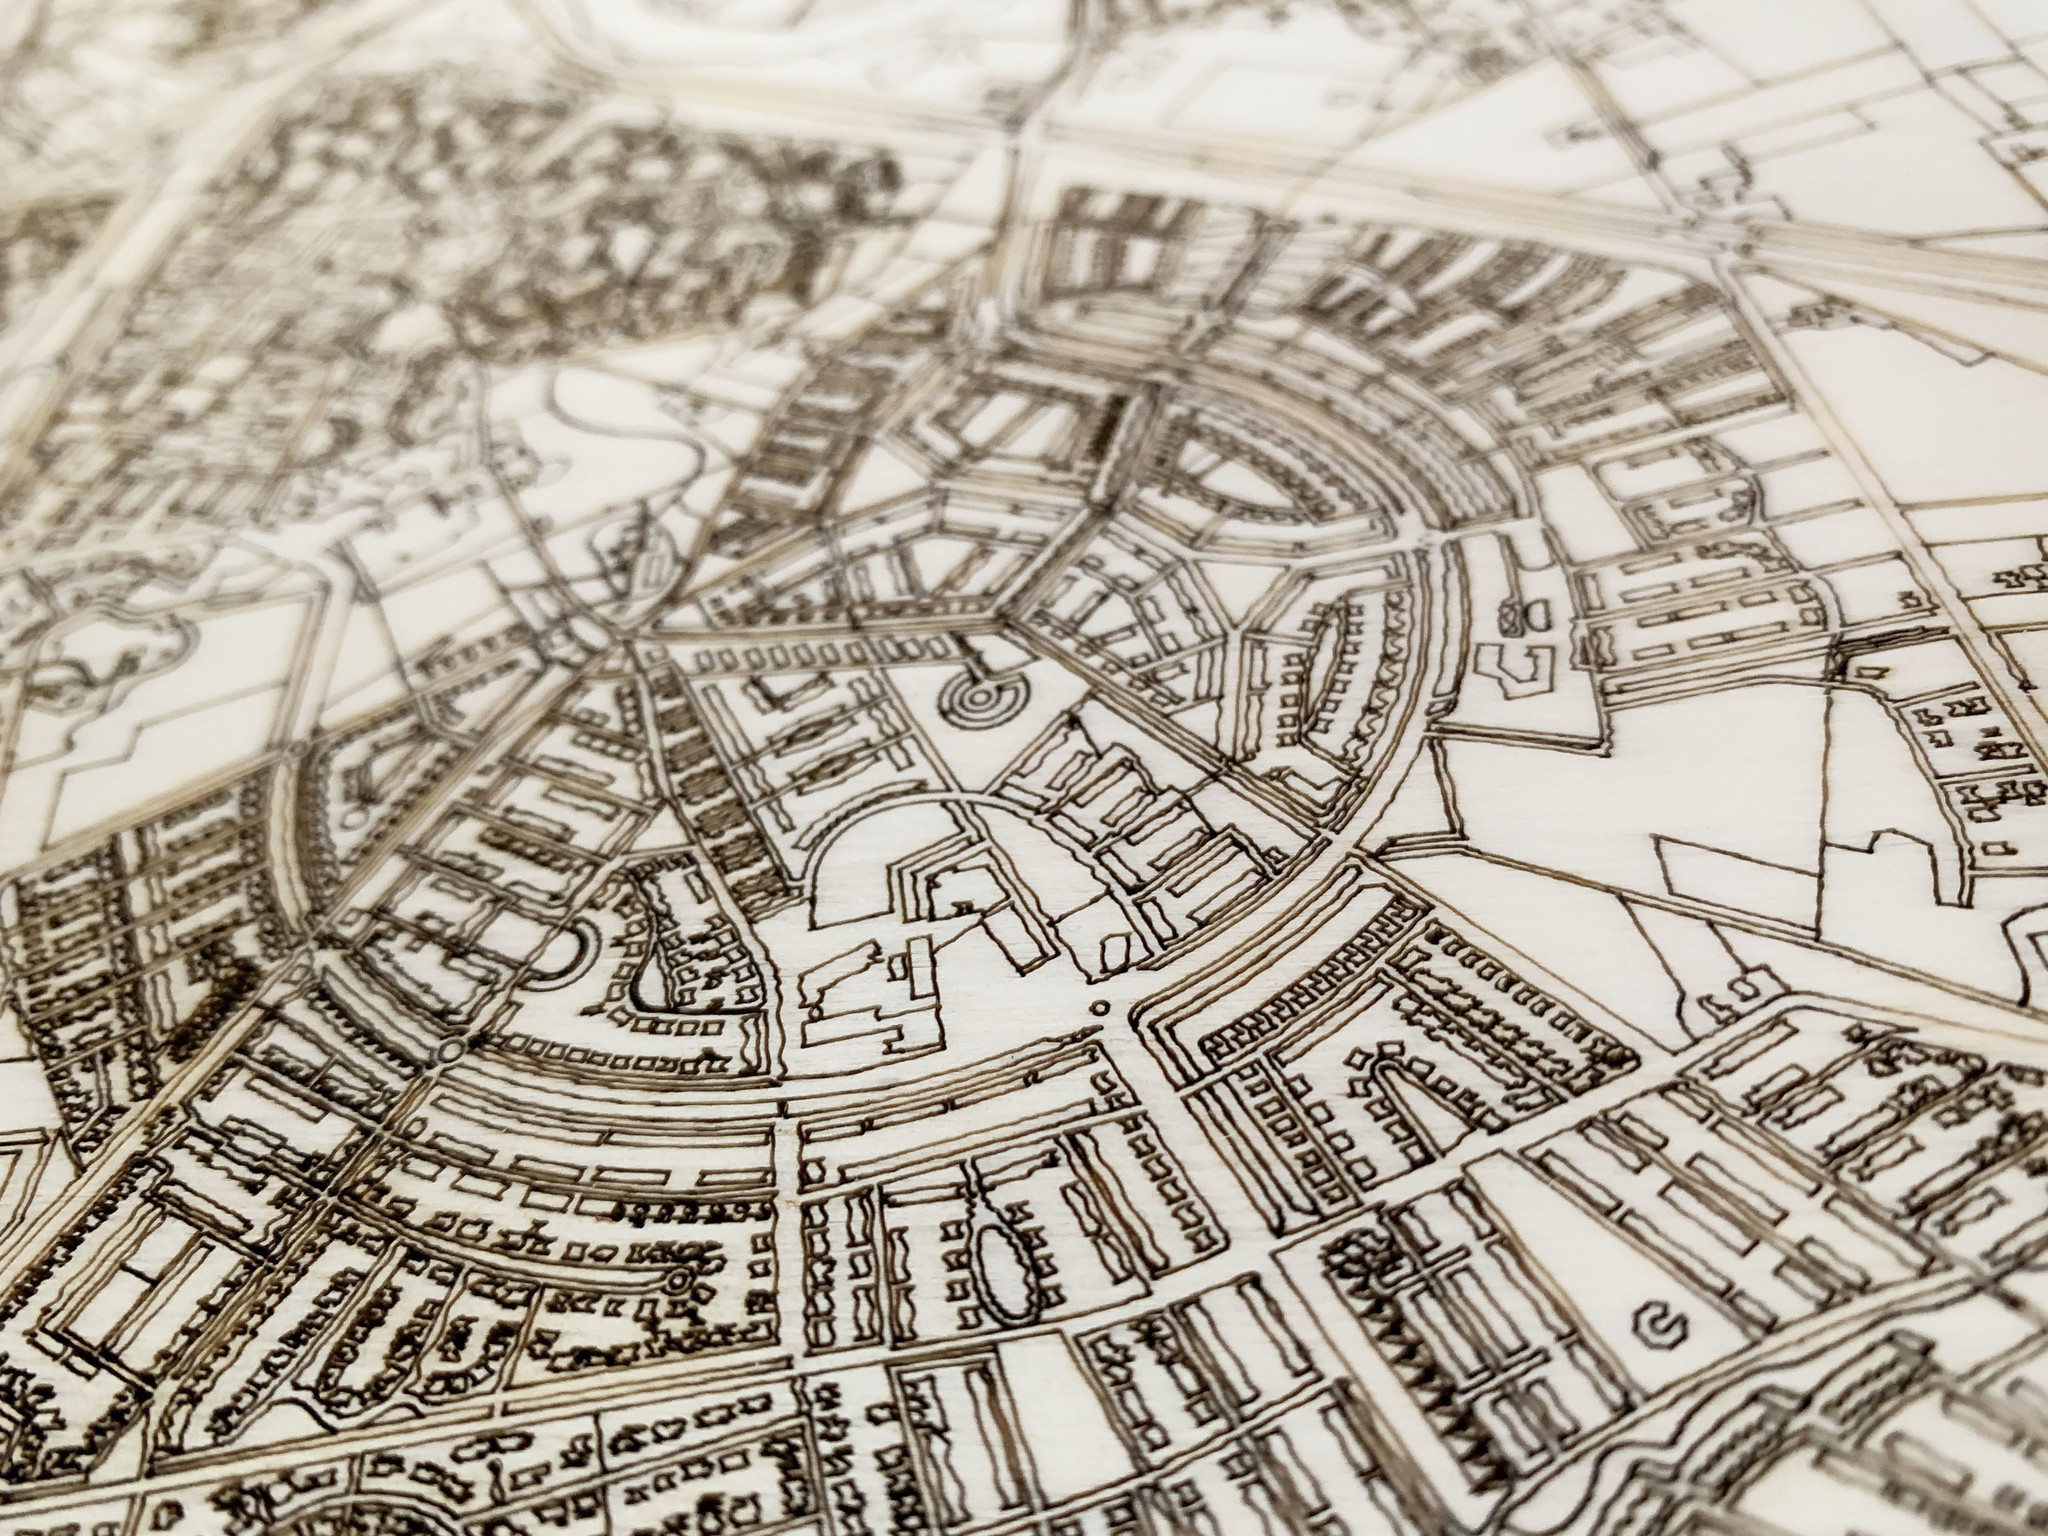 Houten stadsplattegrond Wageningen-4